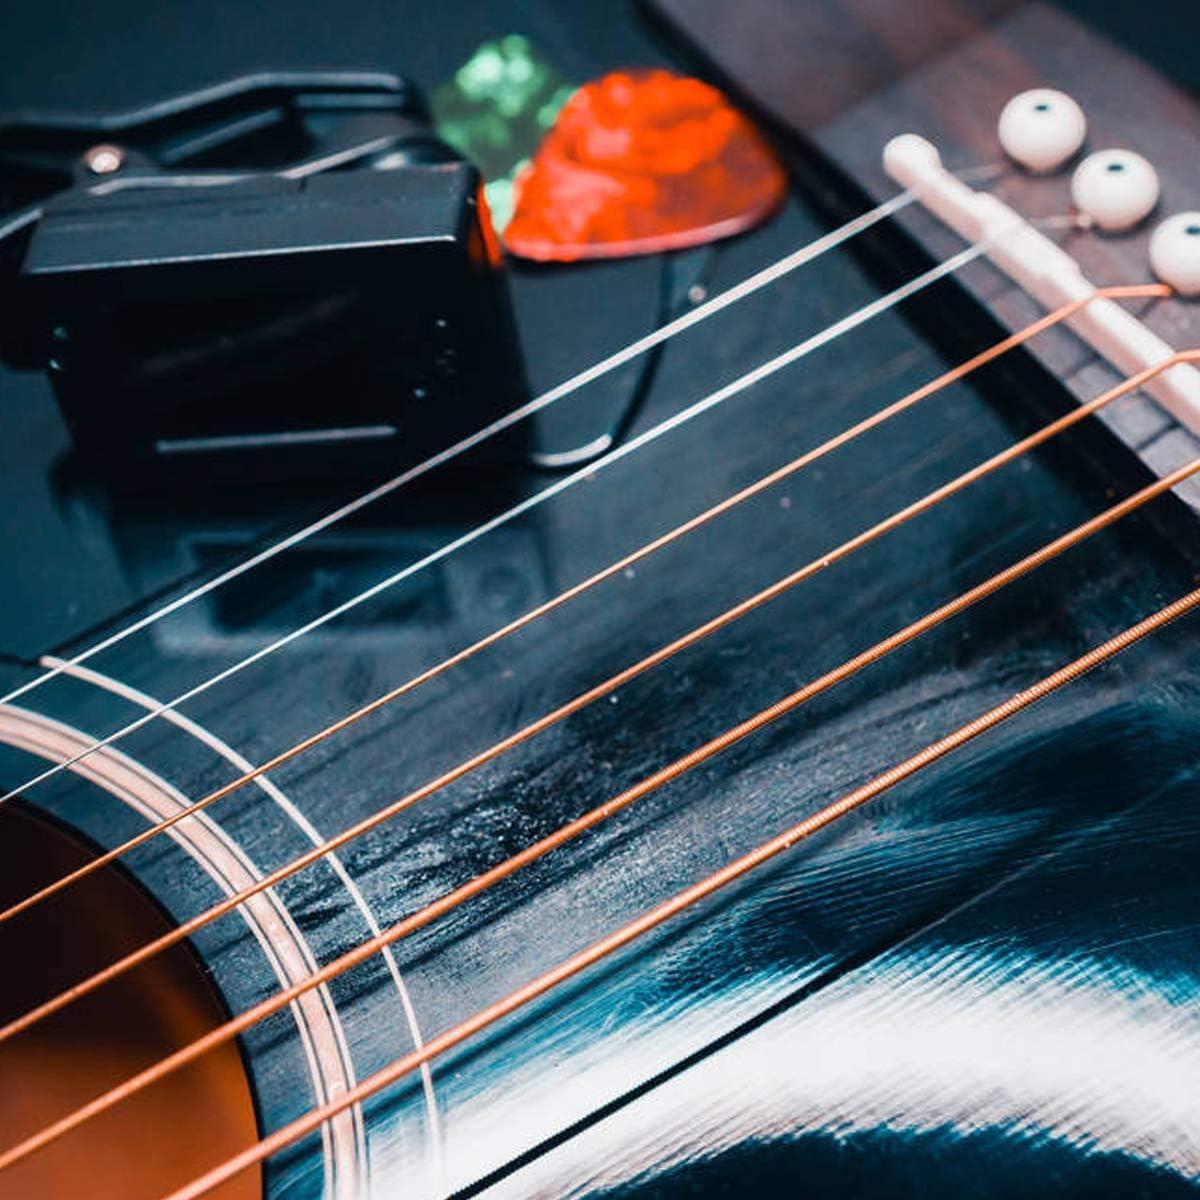 Guitare Cordes 3 jeu de 6 Cordes en Acier pour Guitare Acoustique Cordes de Guitare Acoustique,Cuivre Enniton et Ensemble Multicolore